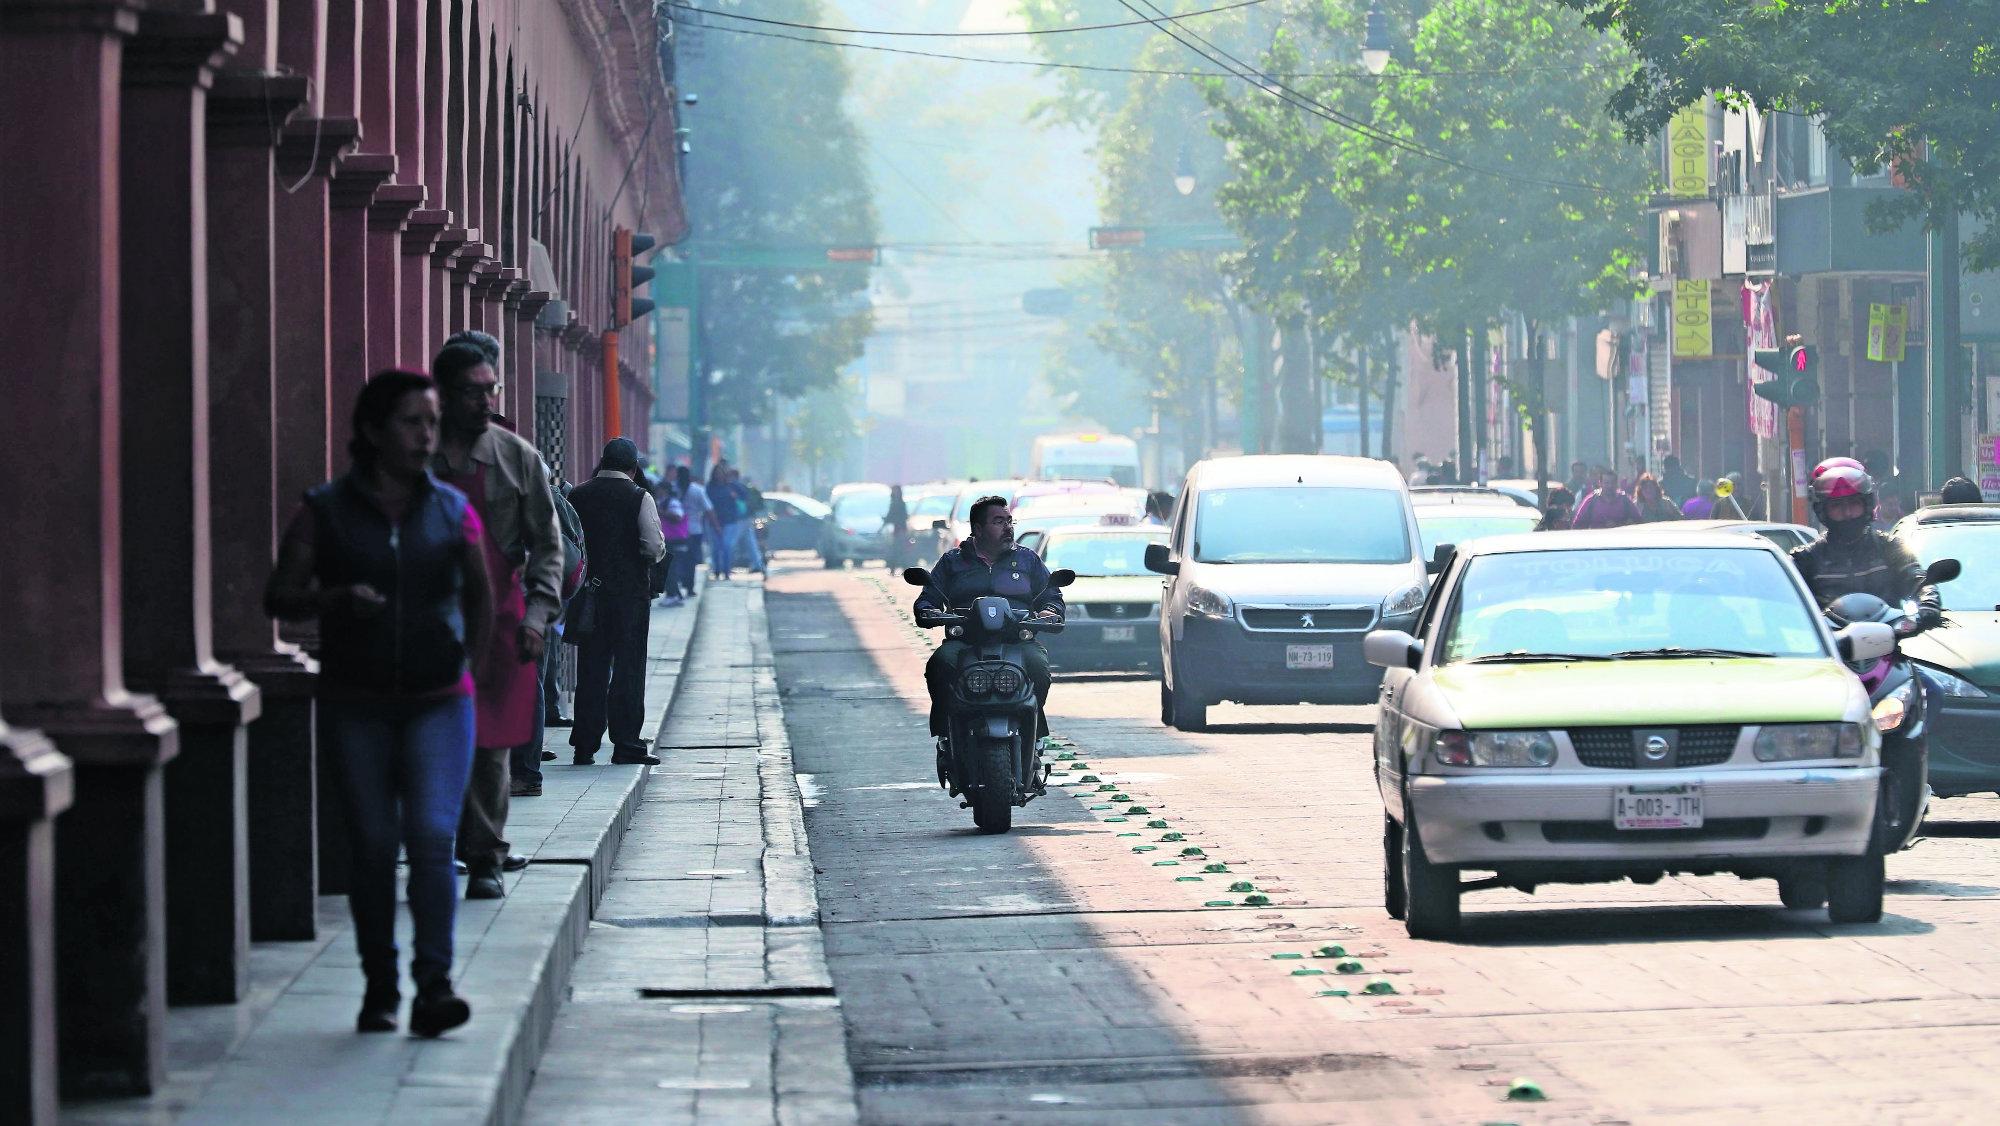 Contaminación del aire Calidad de aire Edomex Toluca